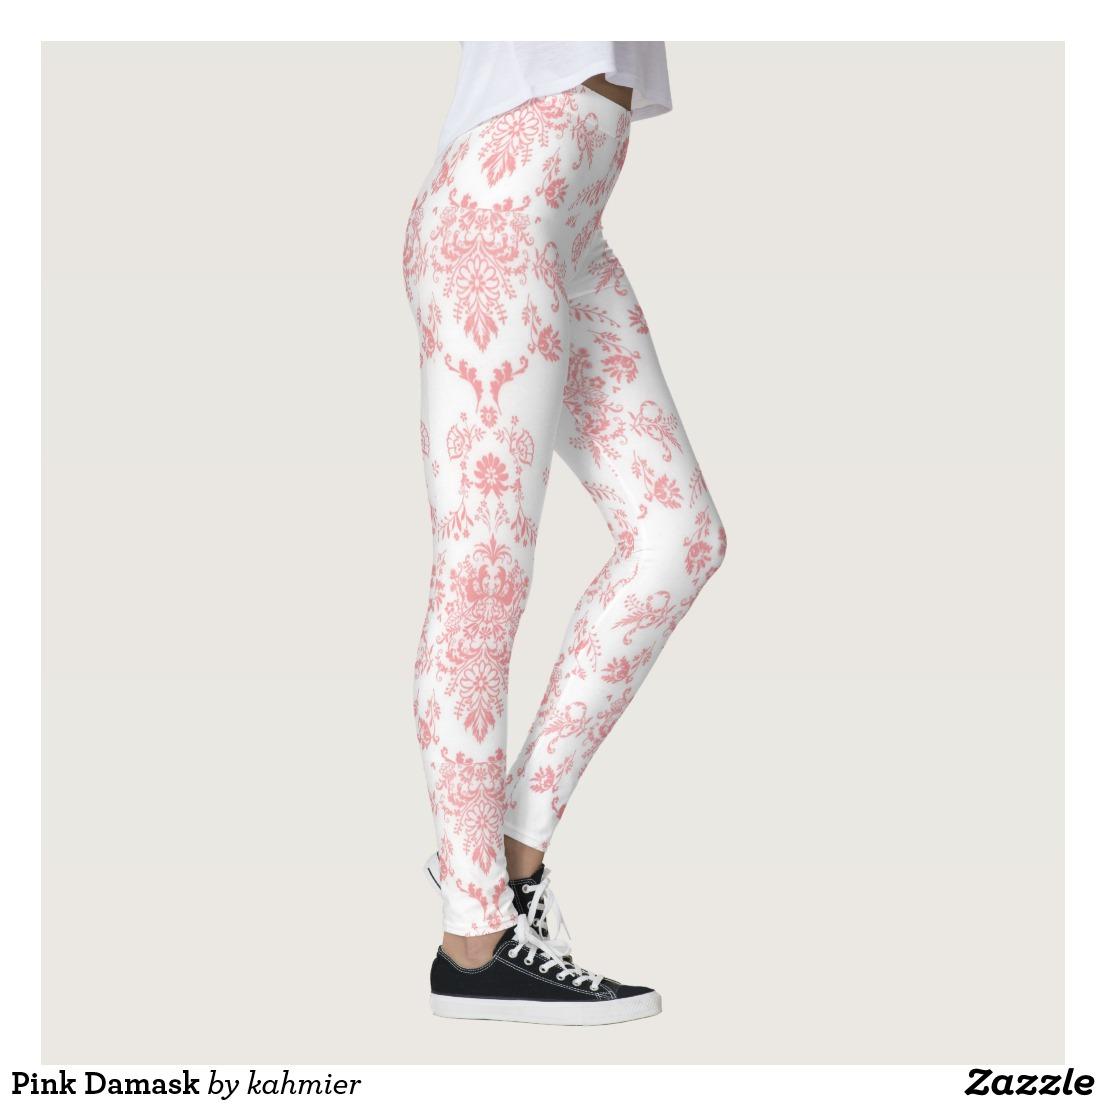 Pink Damask Leggings